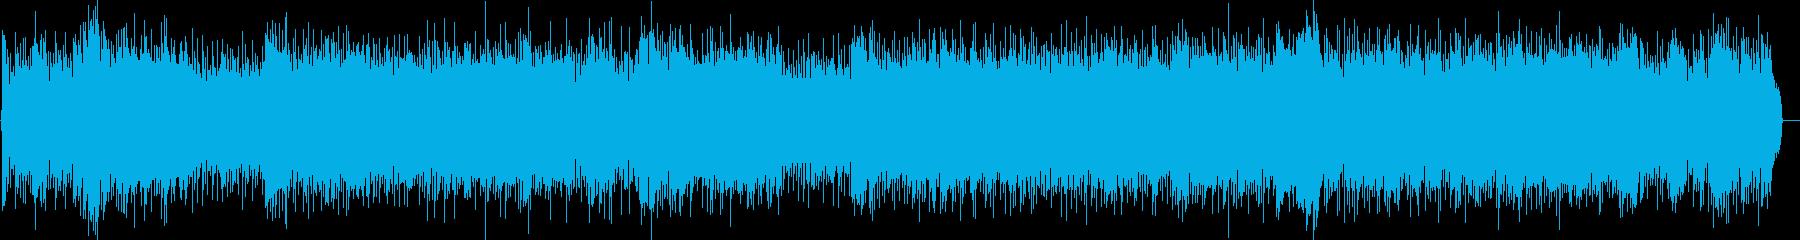 レース バトル系 疾走感フュージョンの再生済みの波形